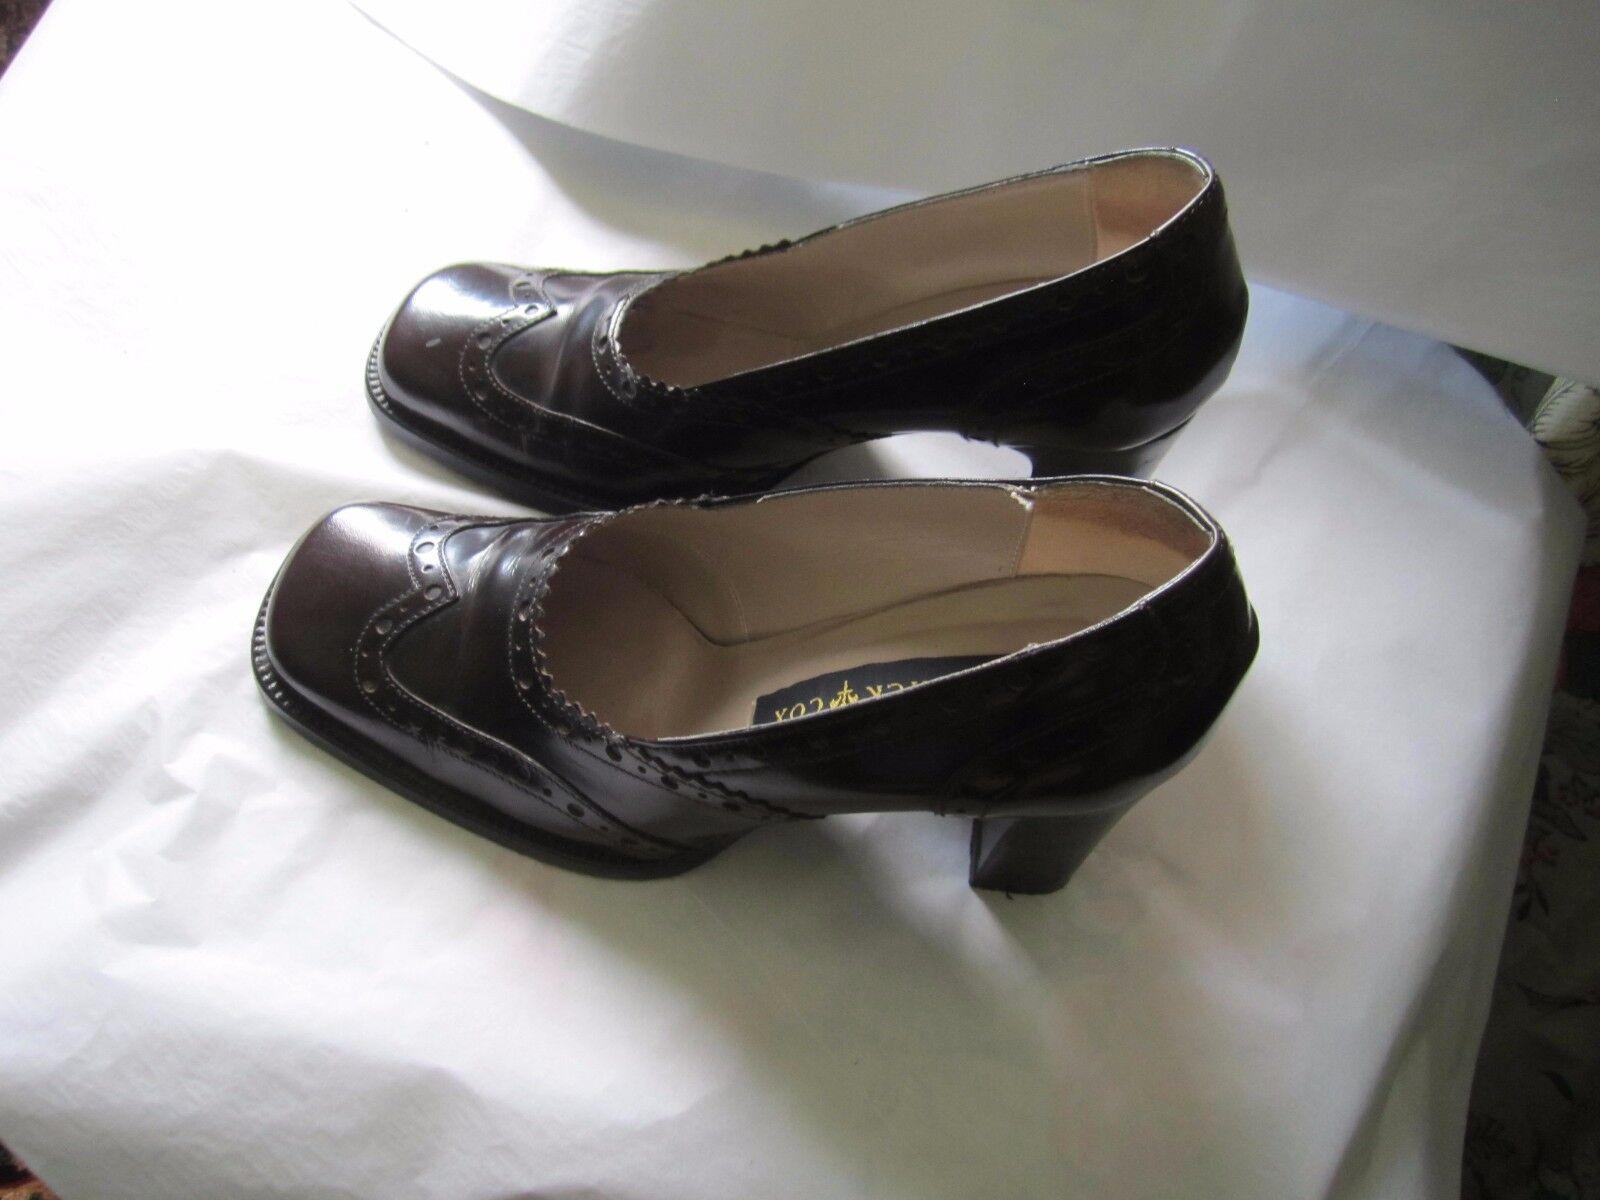 Patrick Cox chaussures taille 36.5 (porté une fois) Semelle en cuir. - dessus en cuir